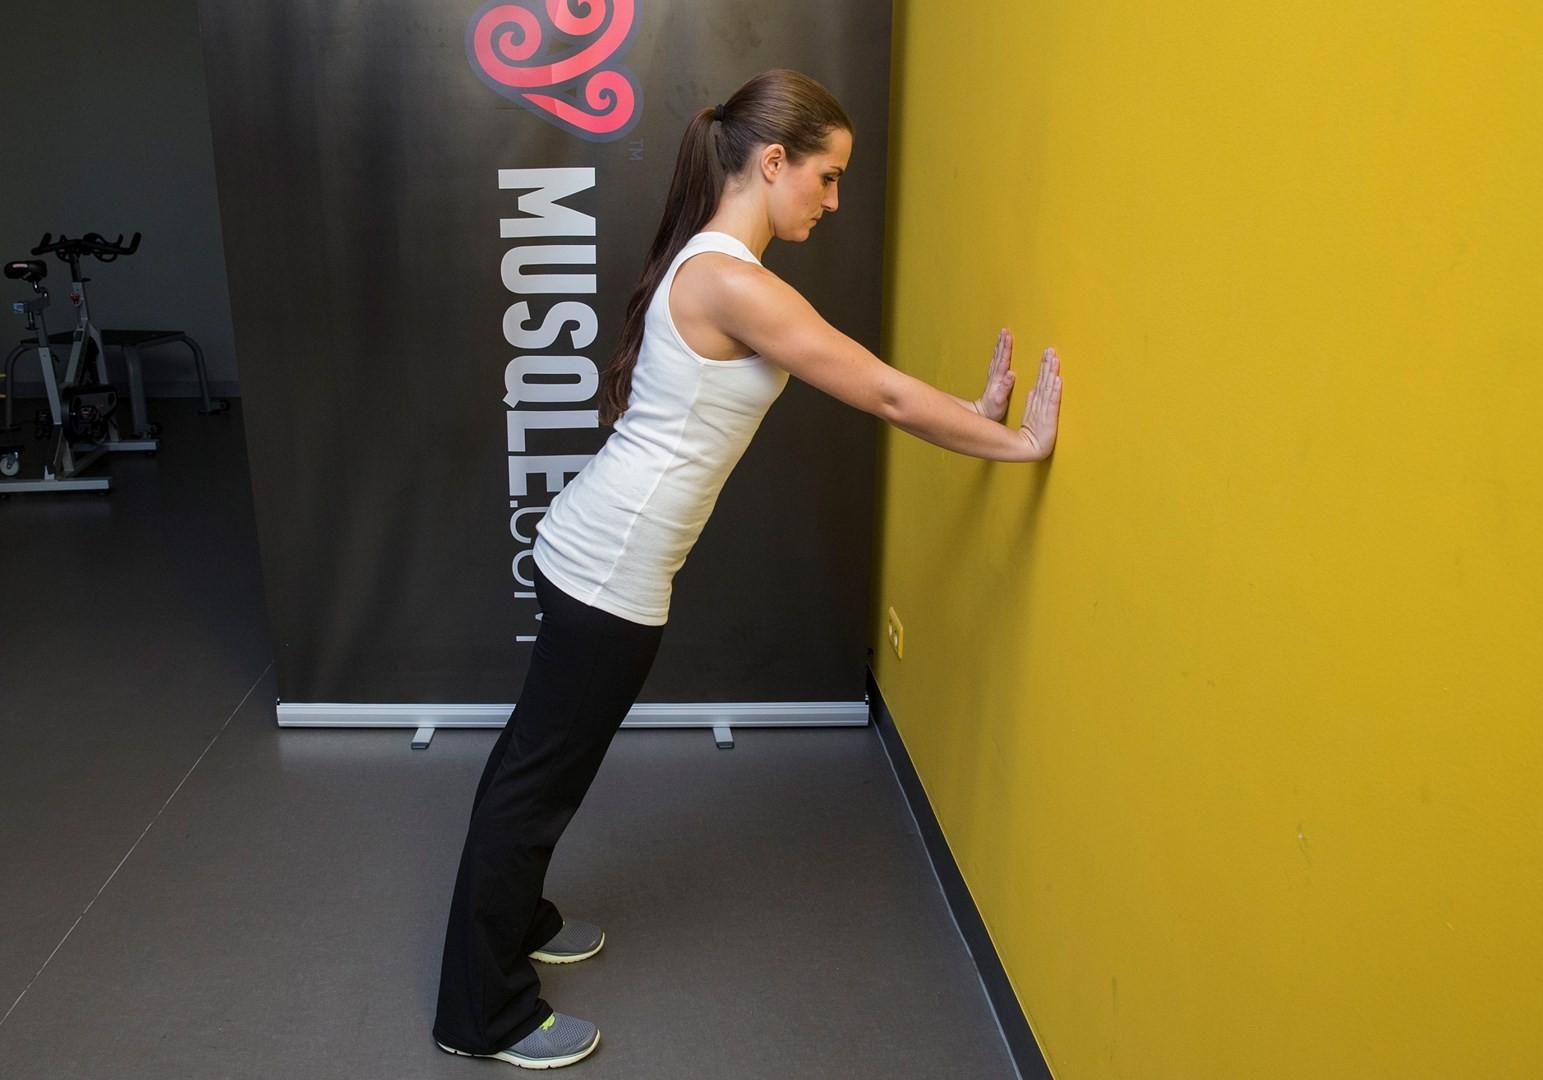 تمرينات لتكبير الصدر - تمرين الضغط على الحائط لتكبير الصدر